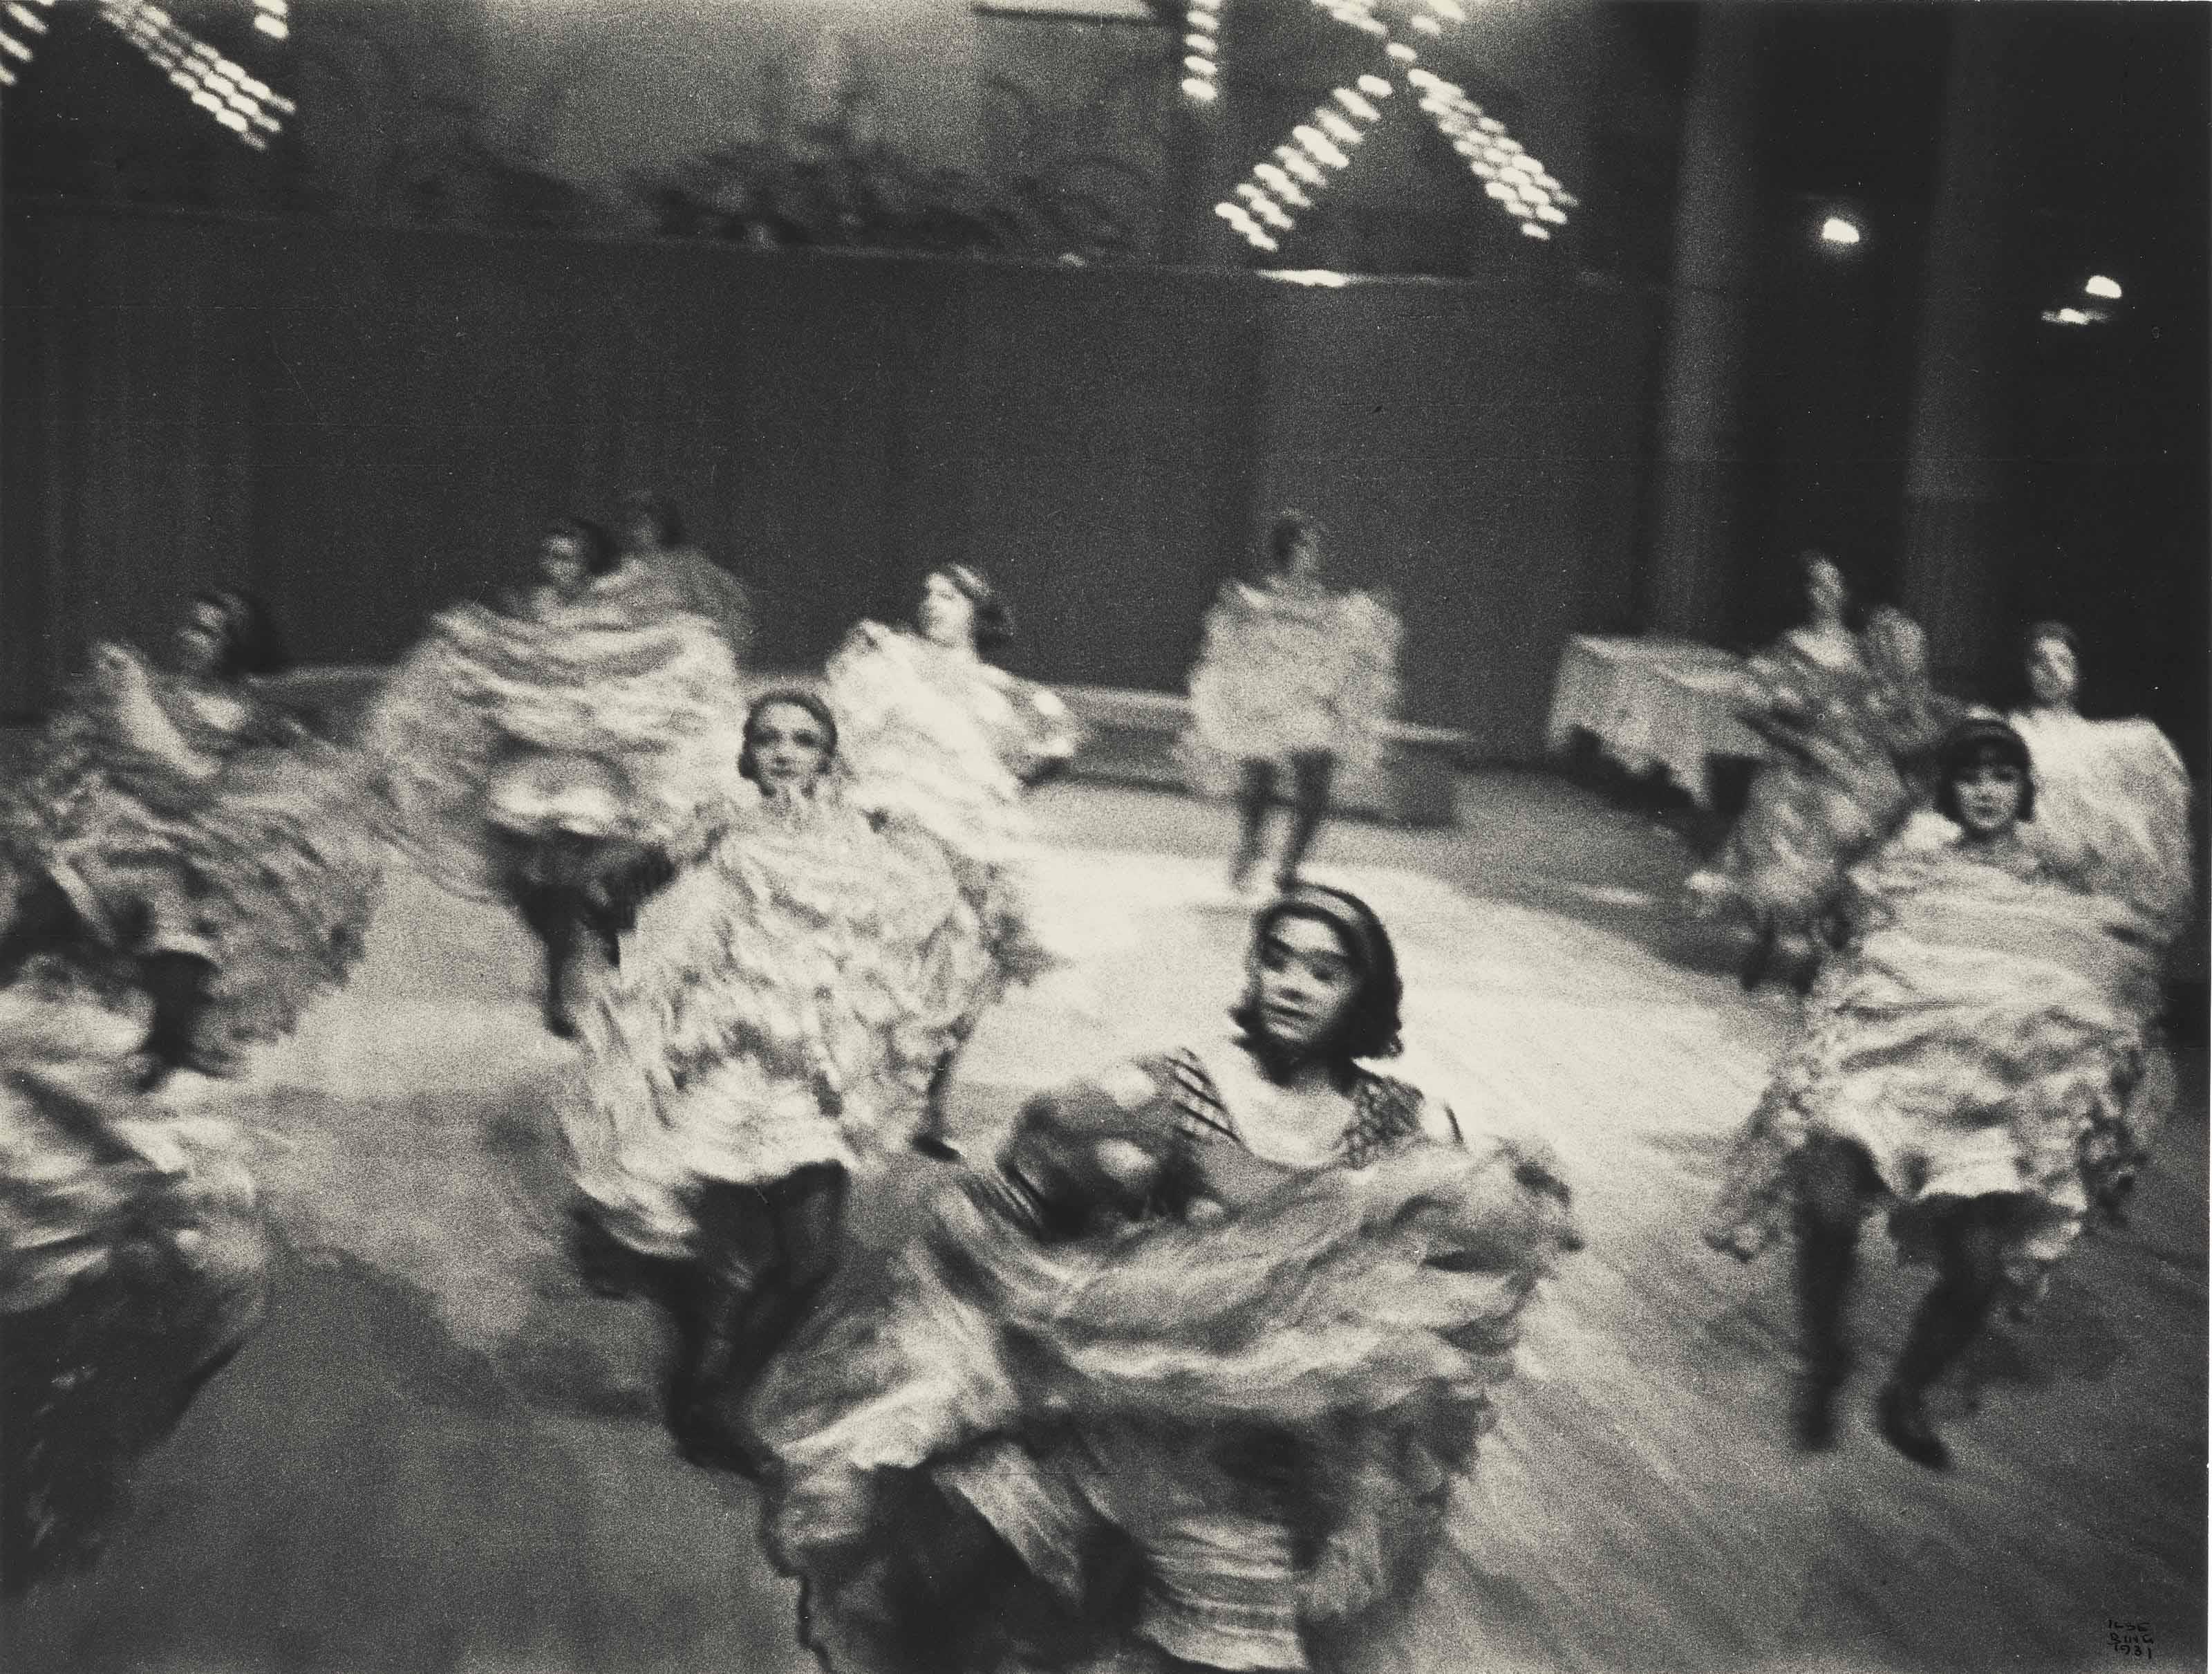 Cancan, Moulin Rouge, Paris, 1931